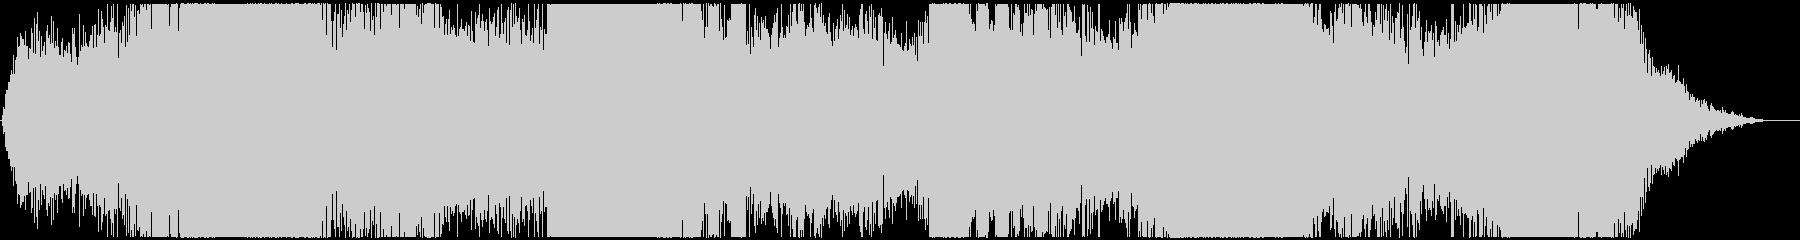 ドローン 腸03の未再生の波形